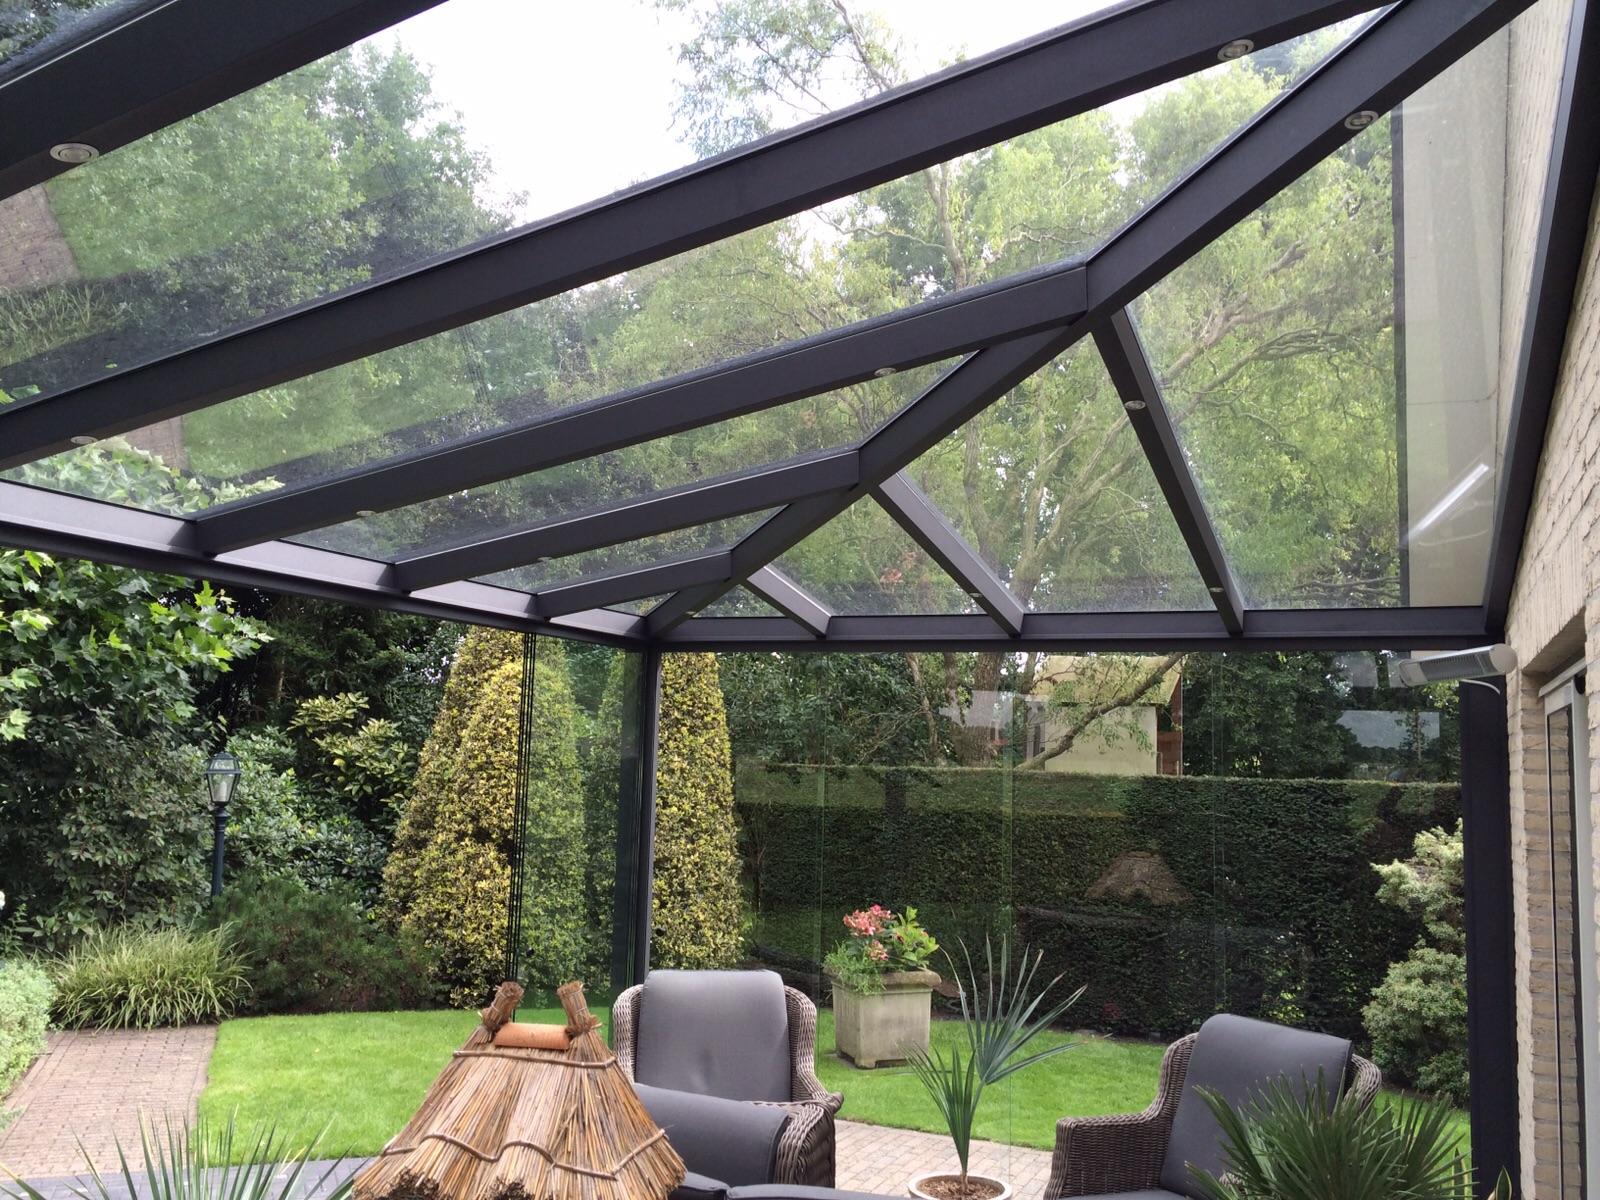 Tuinkamer dak met visgraad